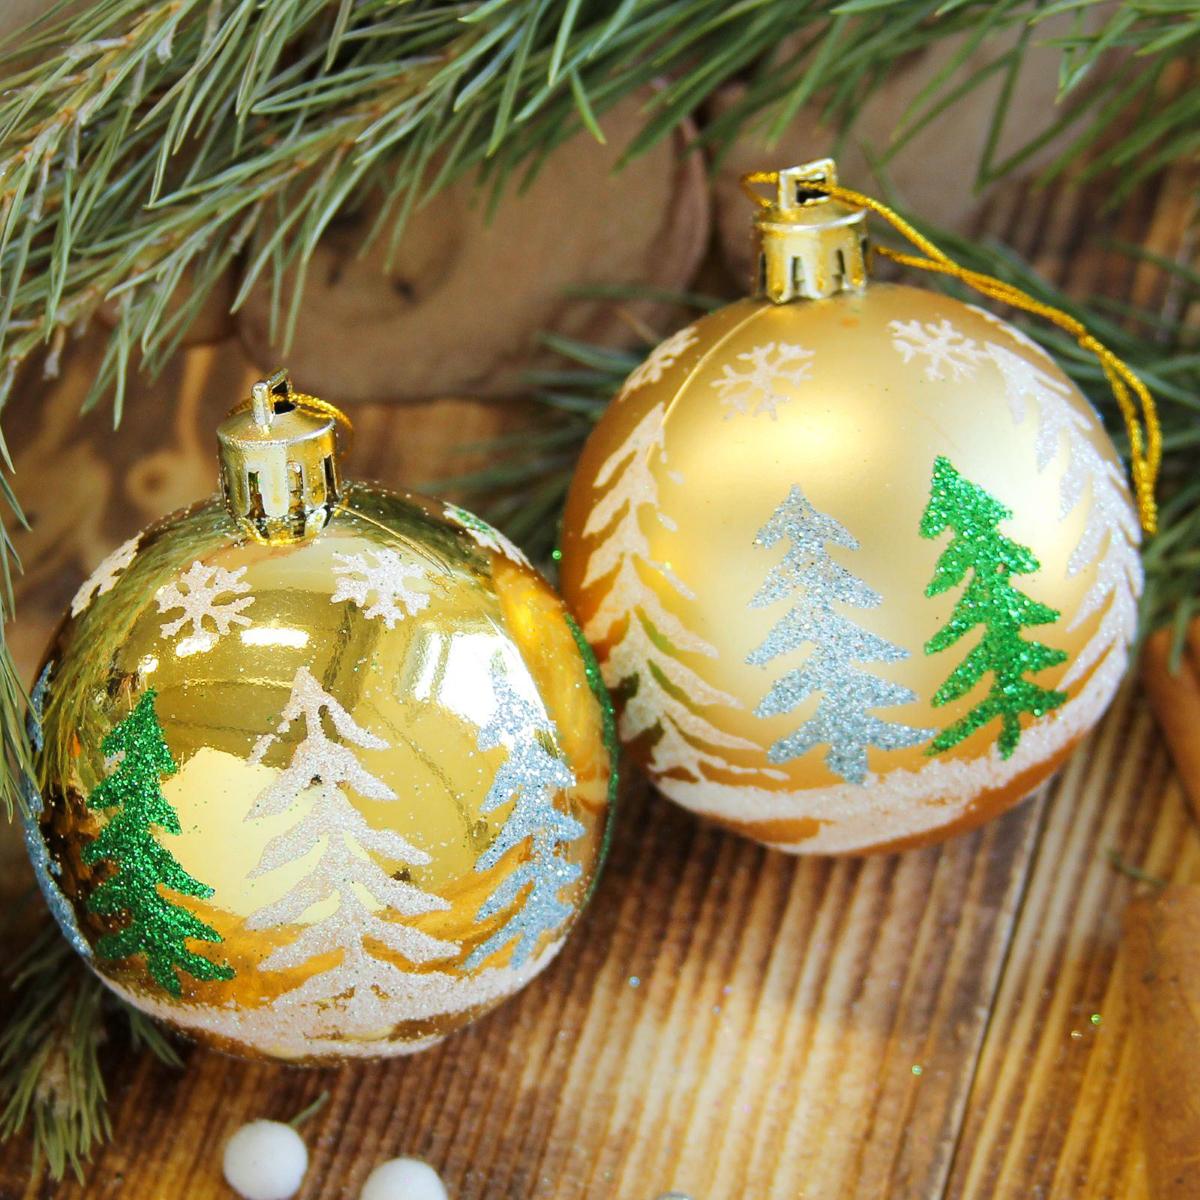 Набор новогодних подвесных украшений Sima-land Елочки, диаметр 6 см, 8 шт2122933Набор новогодних подвесных украшений Sima-land отлично подойдет для декорации вашего дома и новогодней ели. С помощью специальной петельки украшение можно повесить в любом понравившемся вам месте. Но, конечно, удачнее всего оно будет смотреться на праздничной елке. Елочная игрушка - символ Нового года. Она несет в себе волшебство и красоту праздника. Создайте в своем доме атмосферу веселья и радости, украшая новогоднюю елку нарядными игрушками, которые будут из года в год накапливать теплоту воспоминаний.